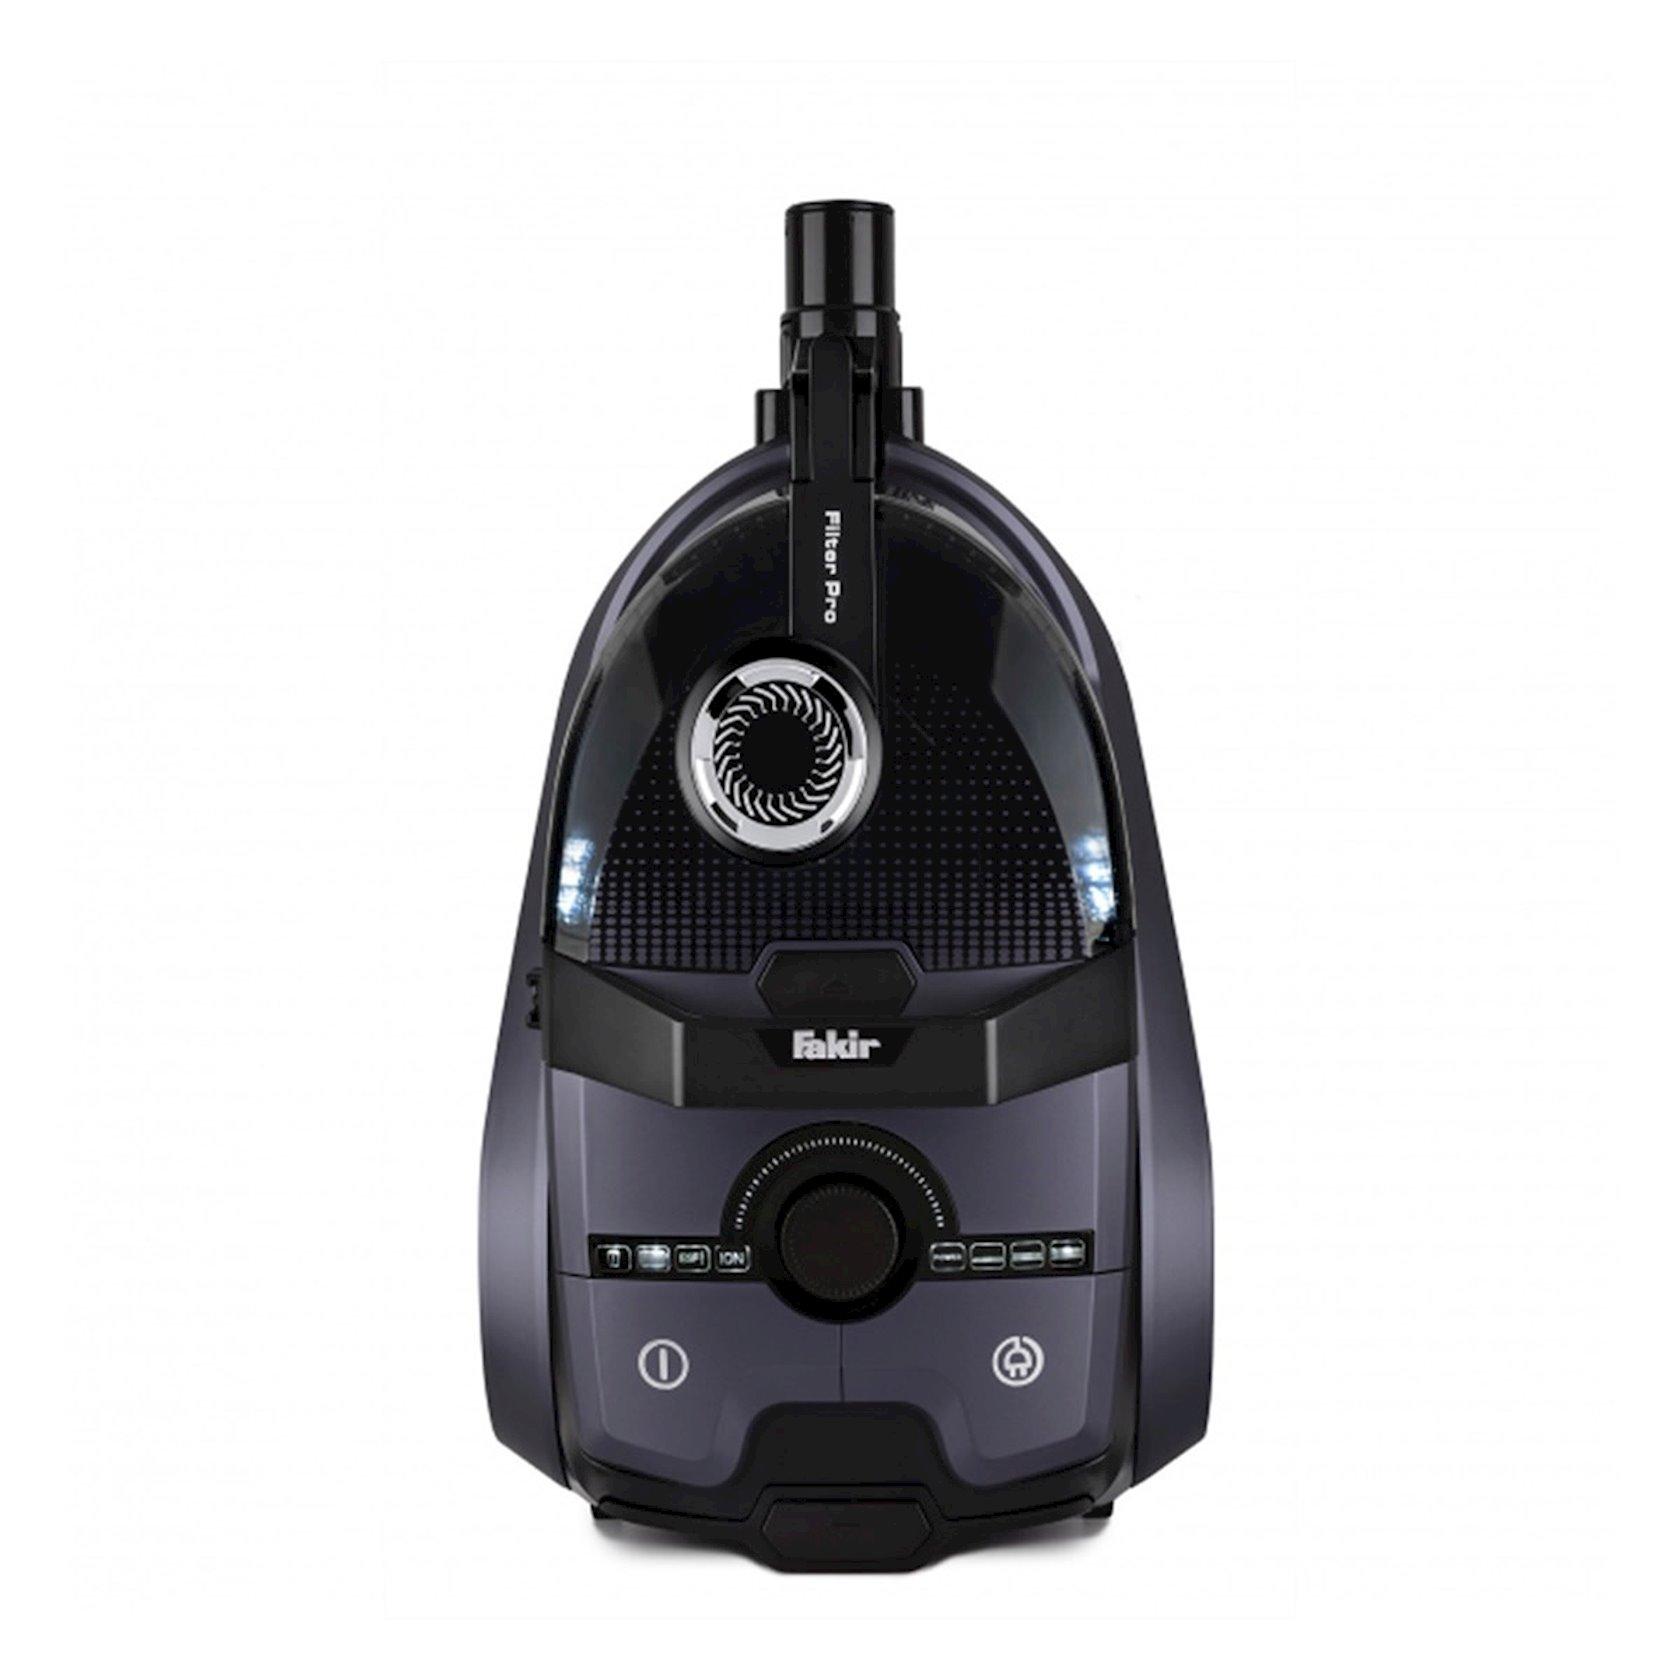 Torbasız tozsoran Fakir Filter Pro Purple 800 W